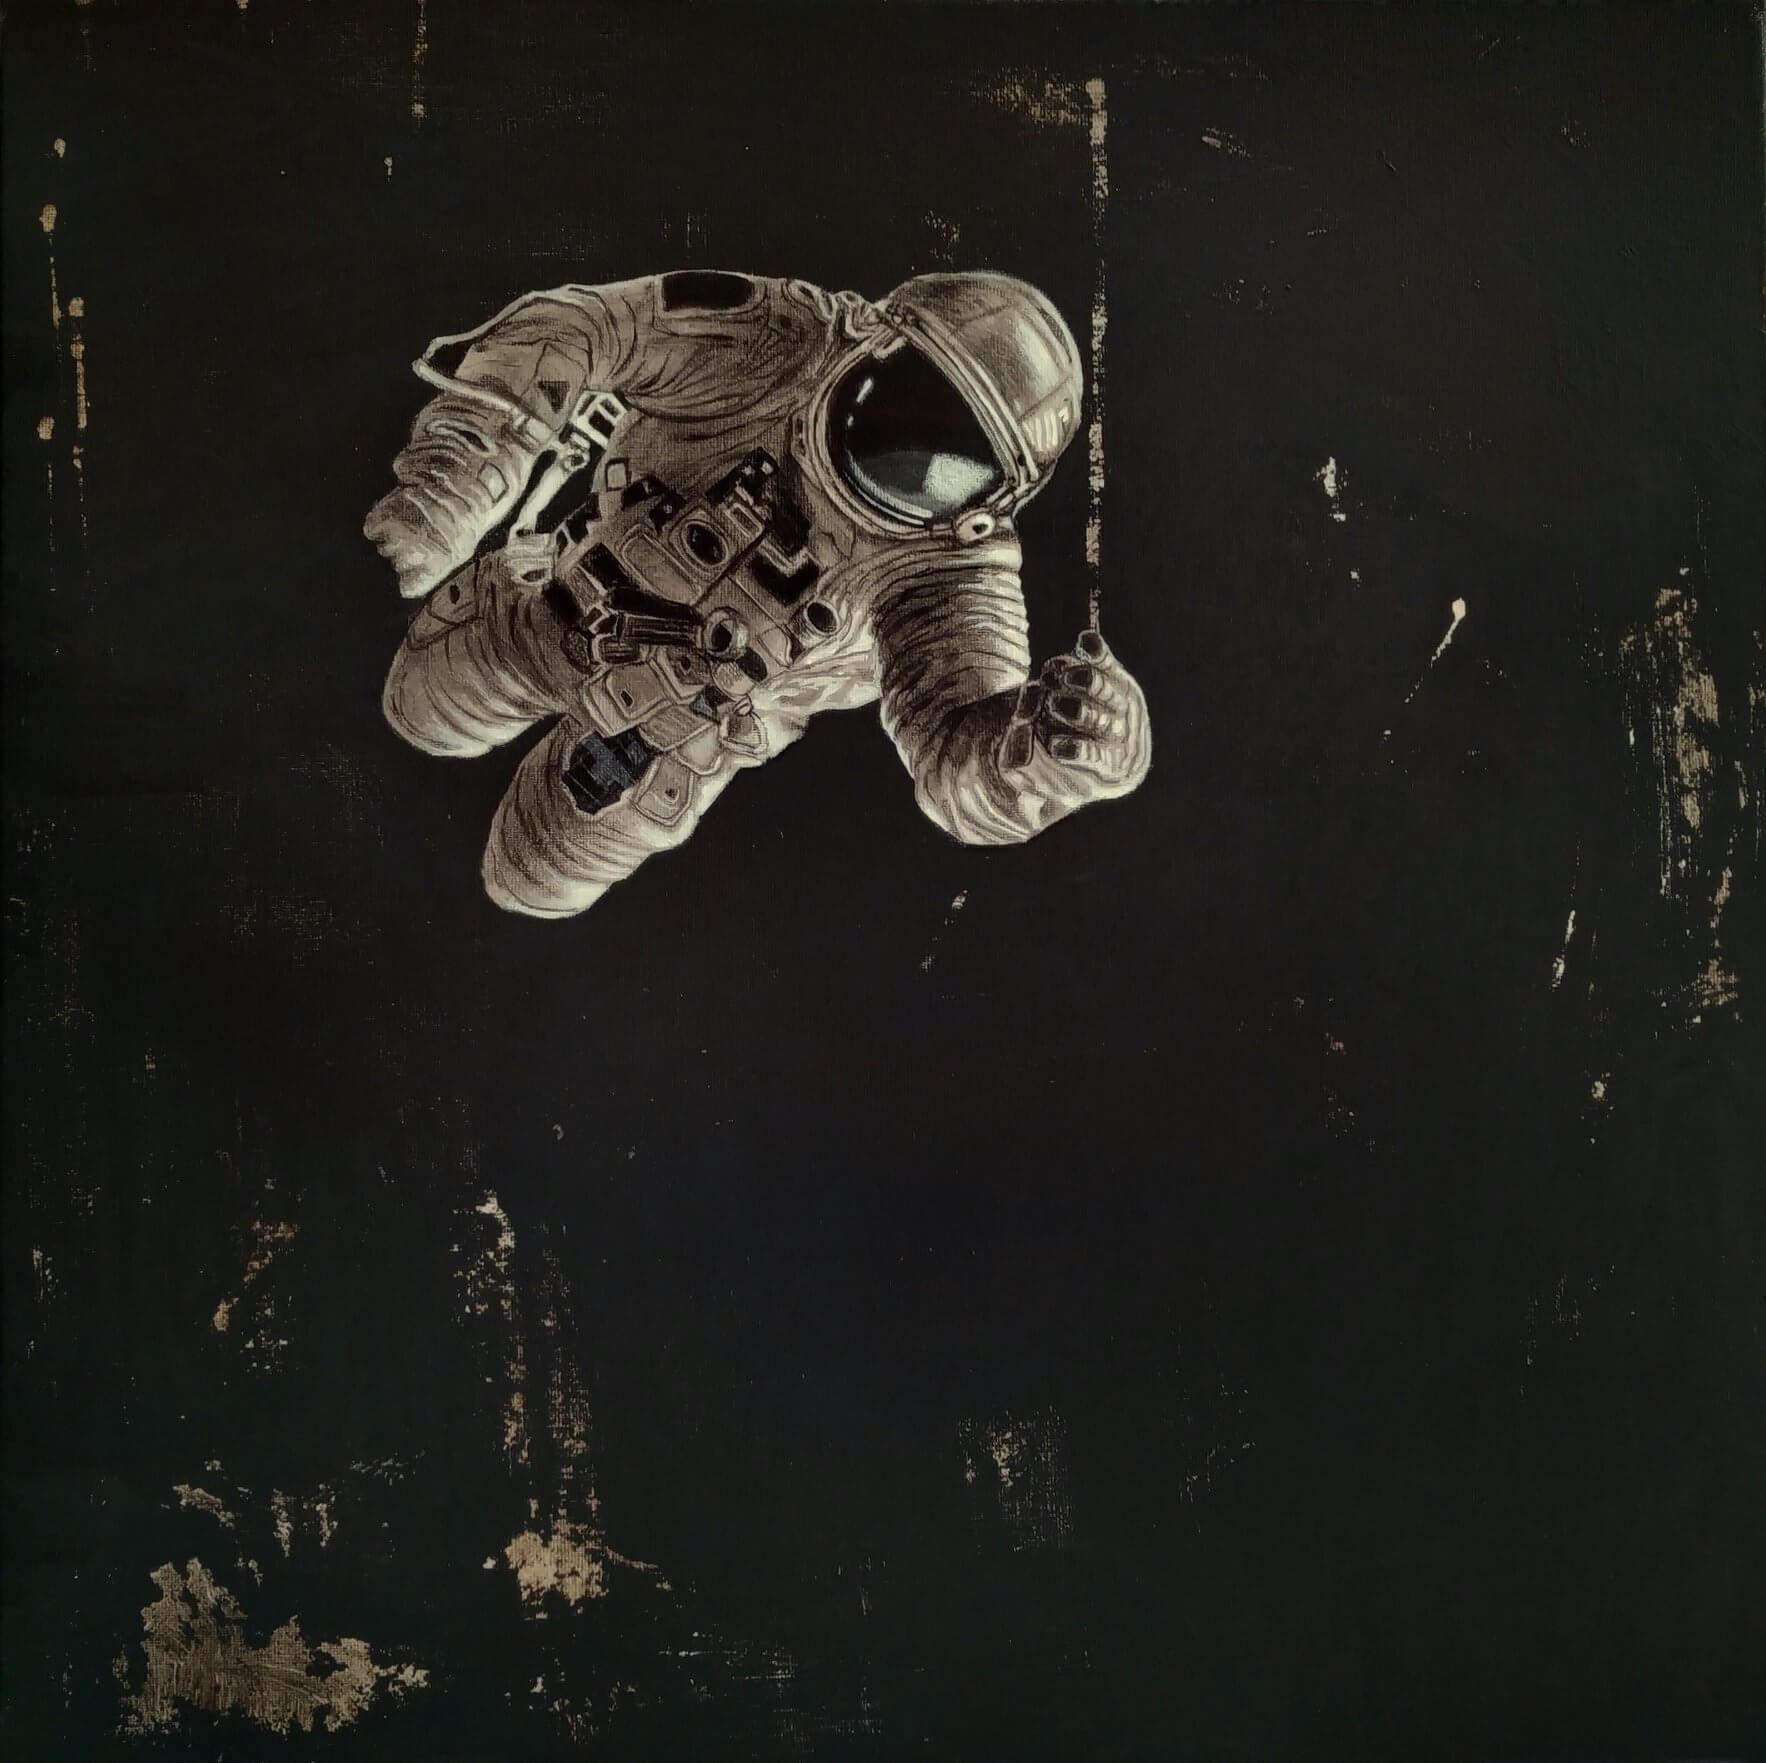 Andrius Miežis. Šviesa (Light) 50 x 50 cm, drobė, akrilas, 2020 m.